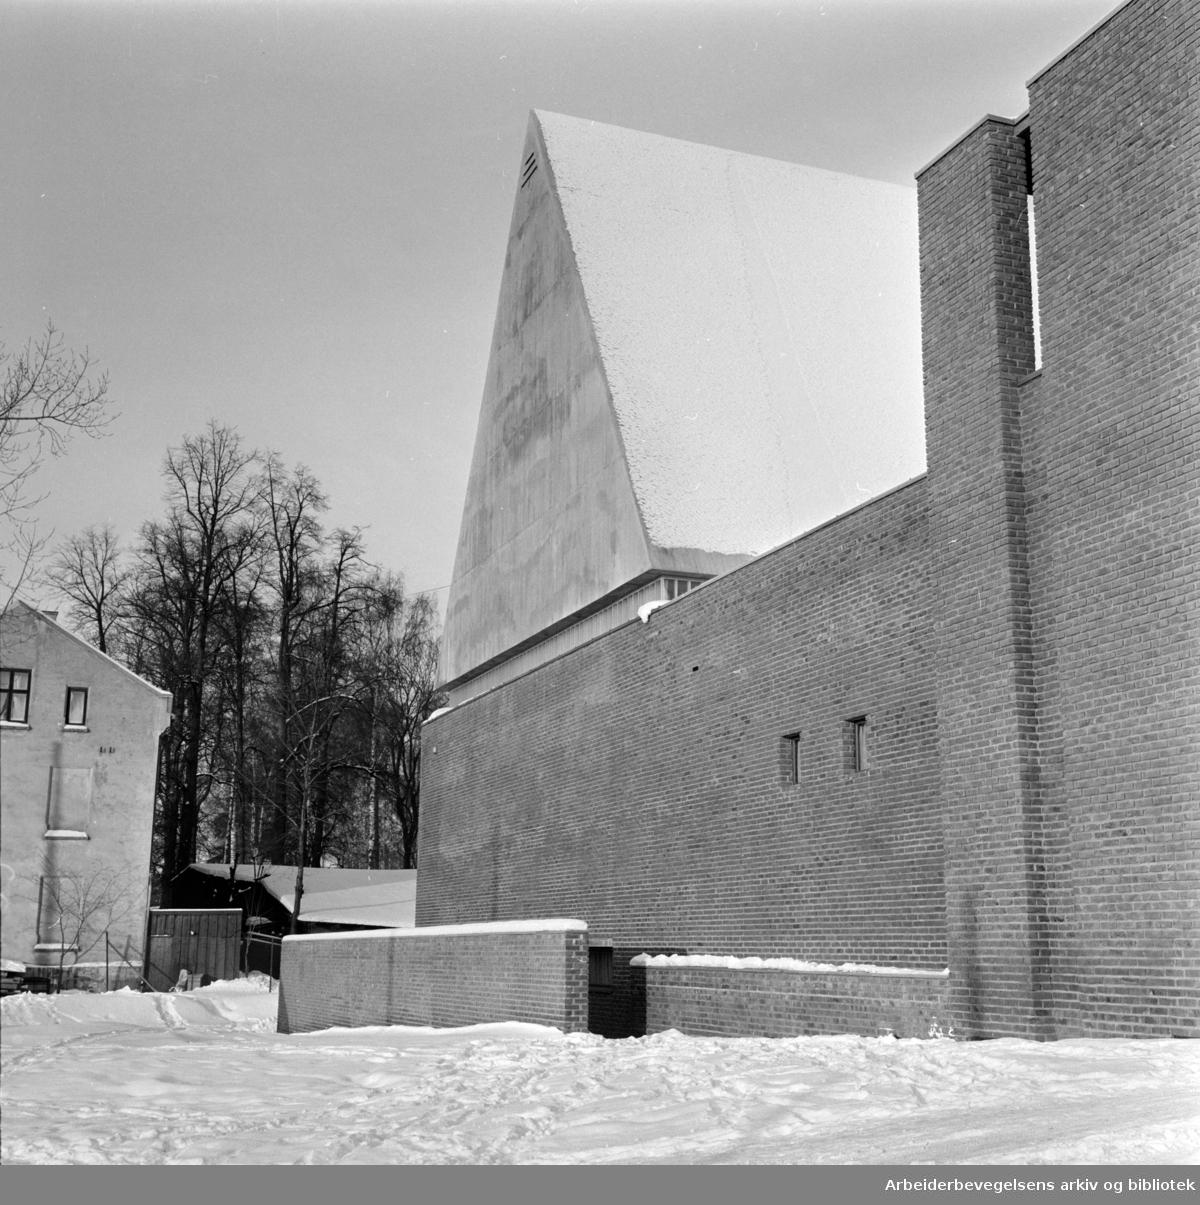 Lilleborg kirke. Noen syntes mur rundt kirken er mindre pent. Januar 1967